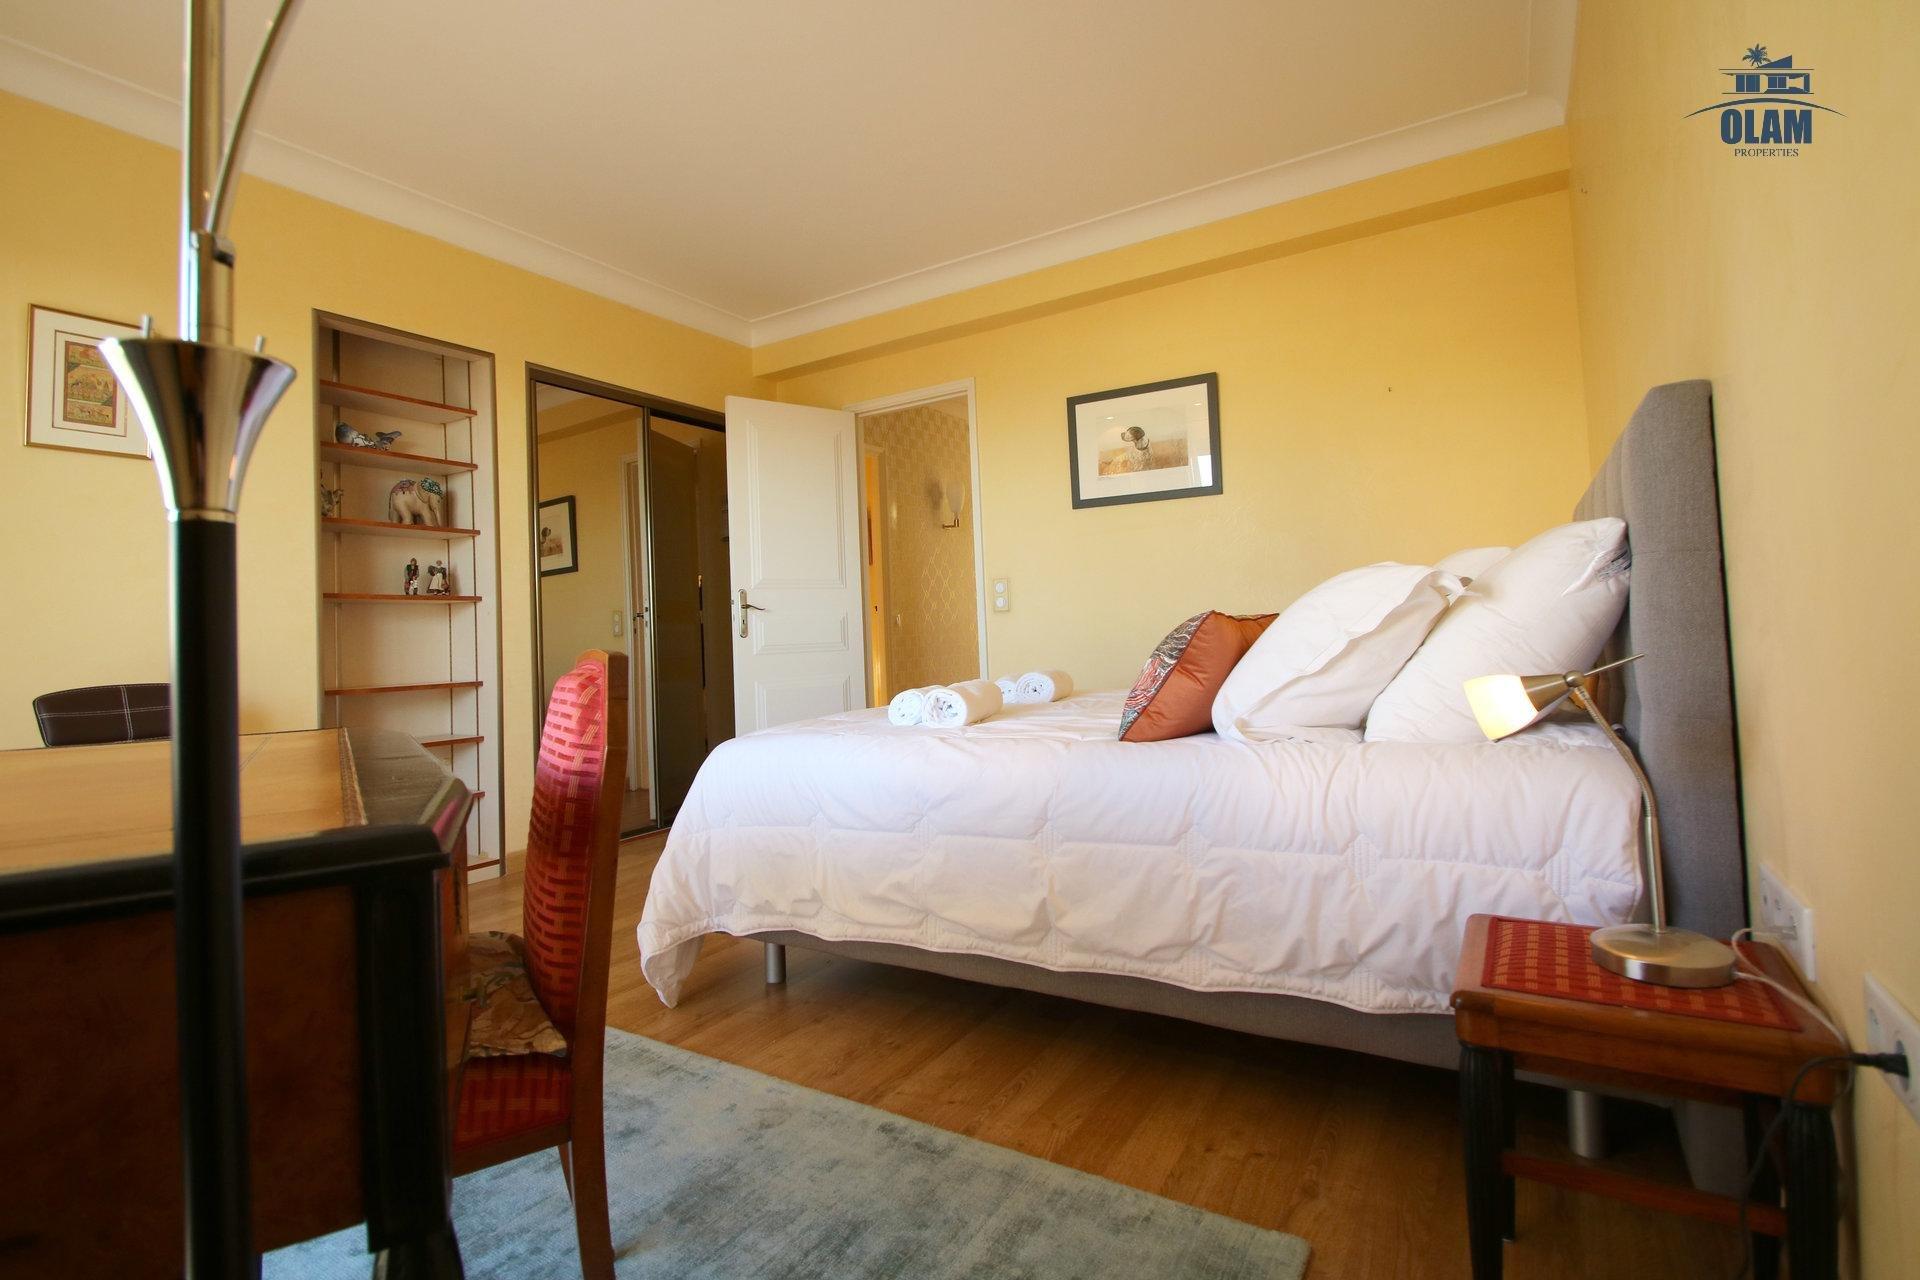 Chambre, lit 160, Cannes, Croisette, Côte d'Azur, loc saisonnière